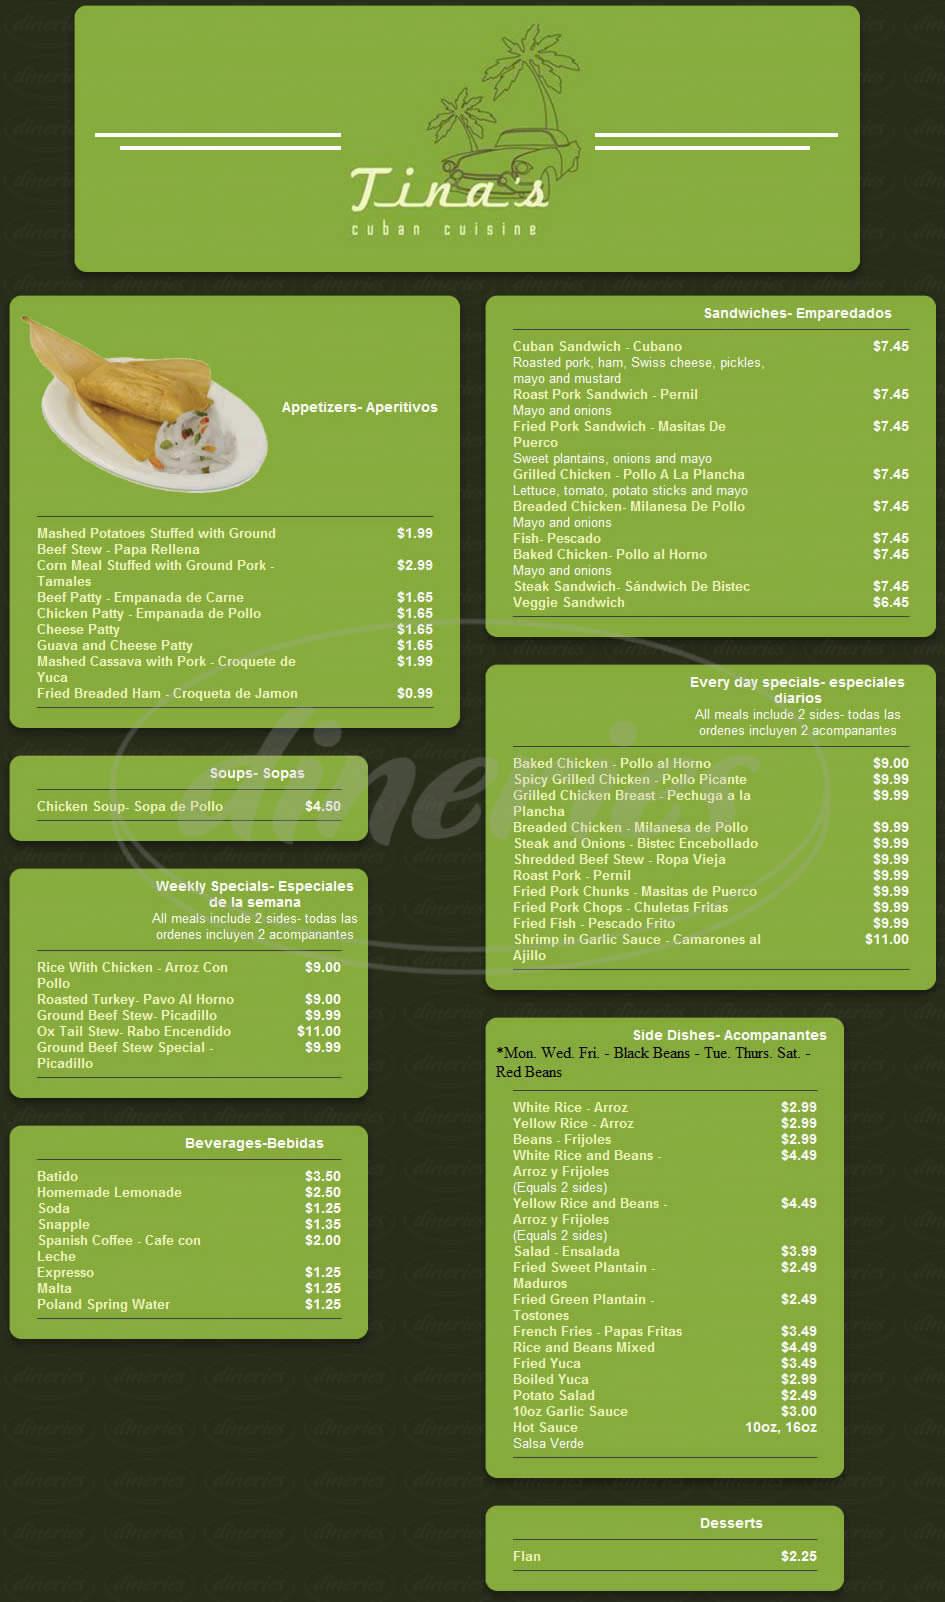 menu for Tina's Cuban Cuisine